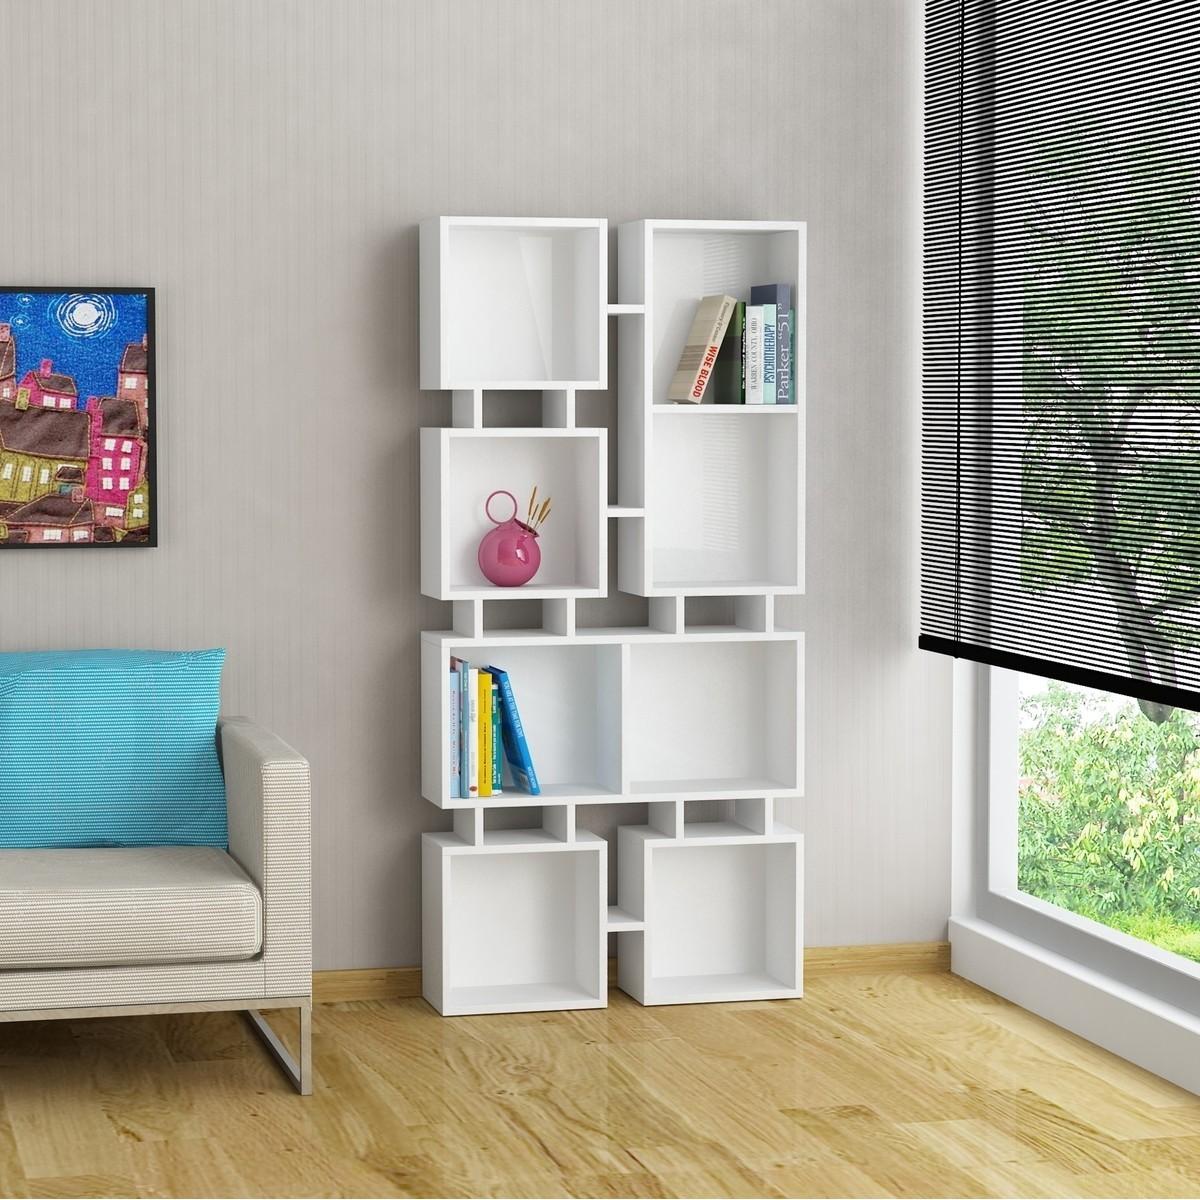 Johnny 2 libreria a muro in legno a cubi per soggiorno camera for Cubi in legno per arredare